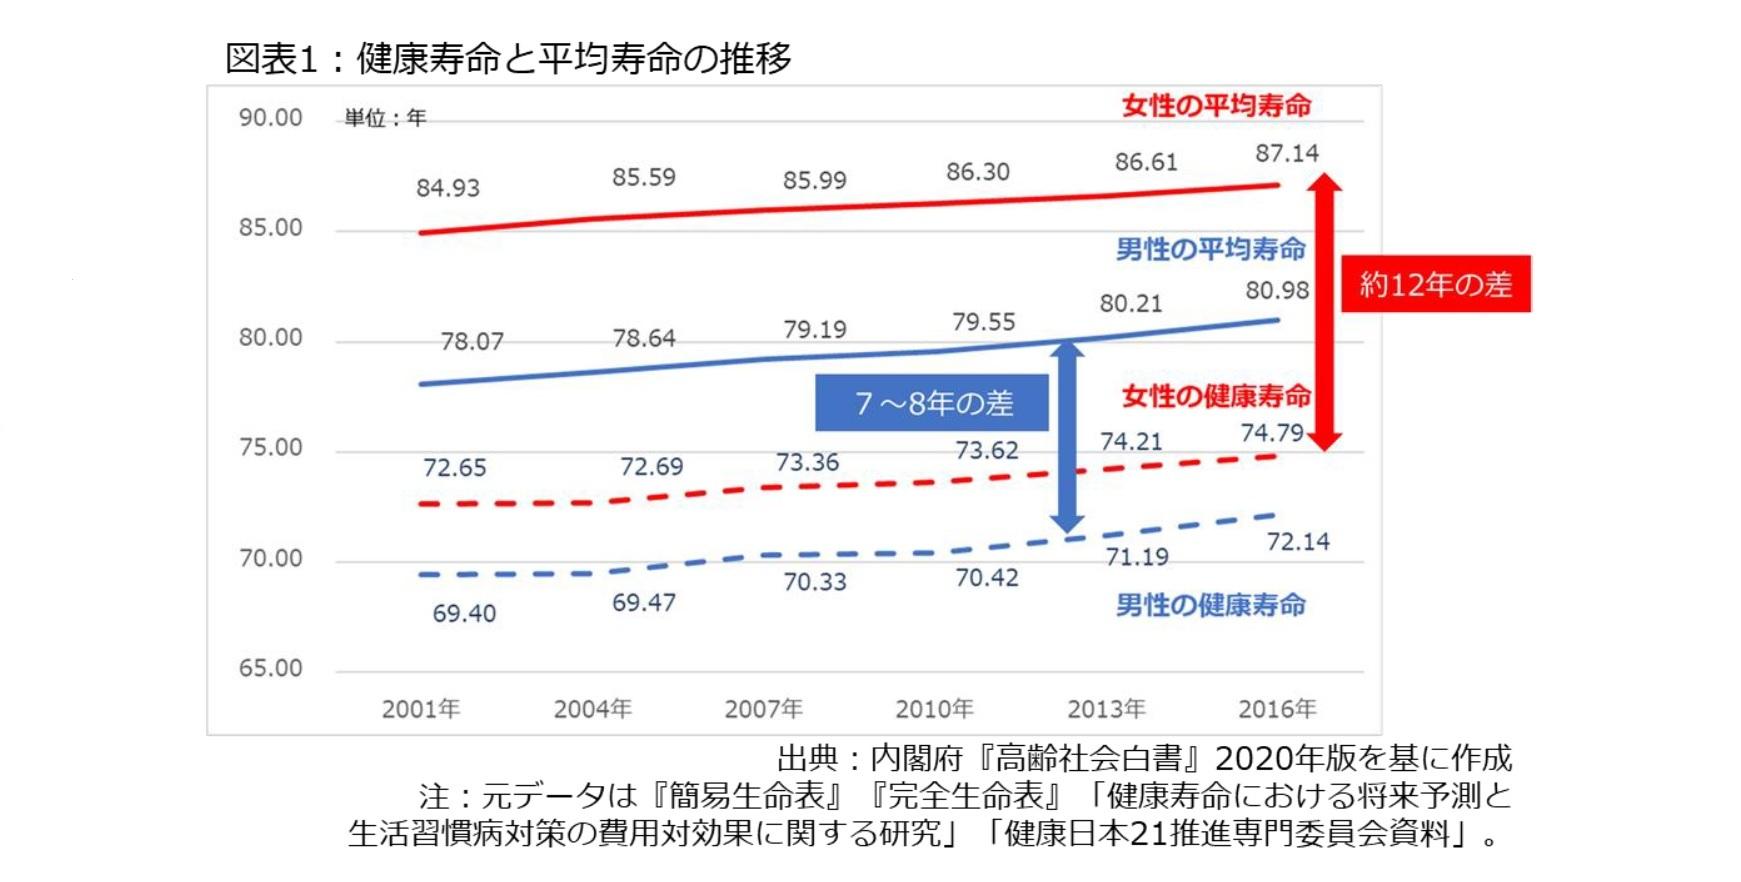 図表1:健康寿命と平均寿命の推移